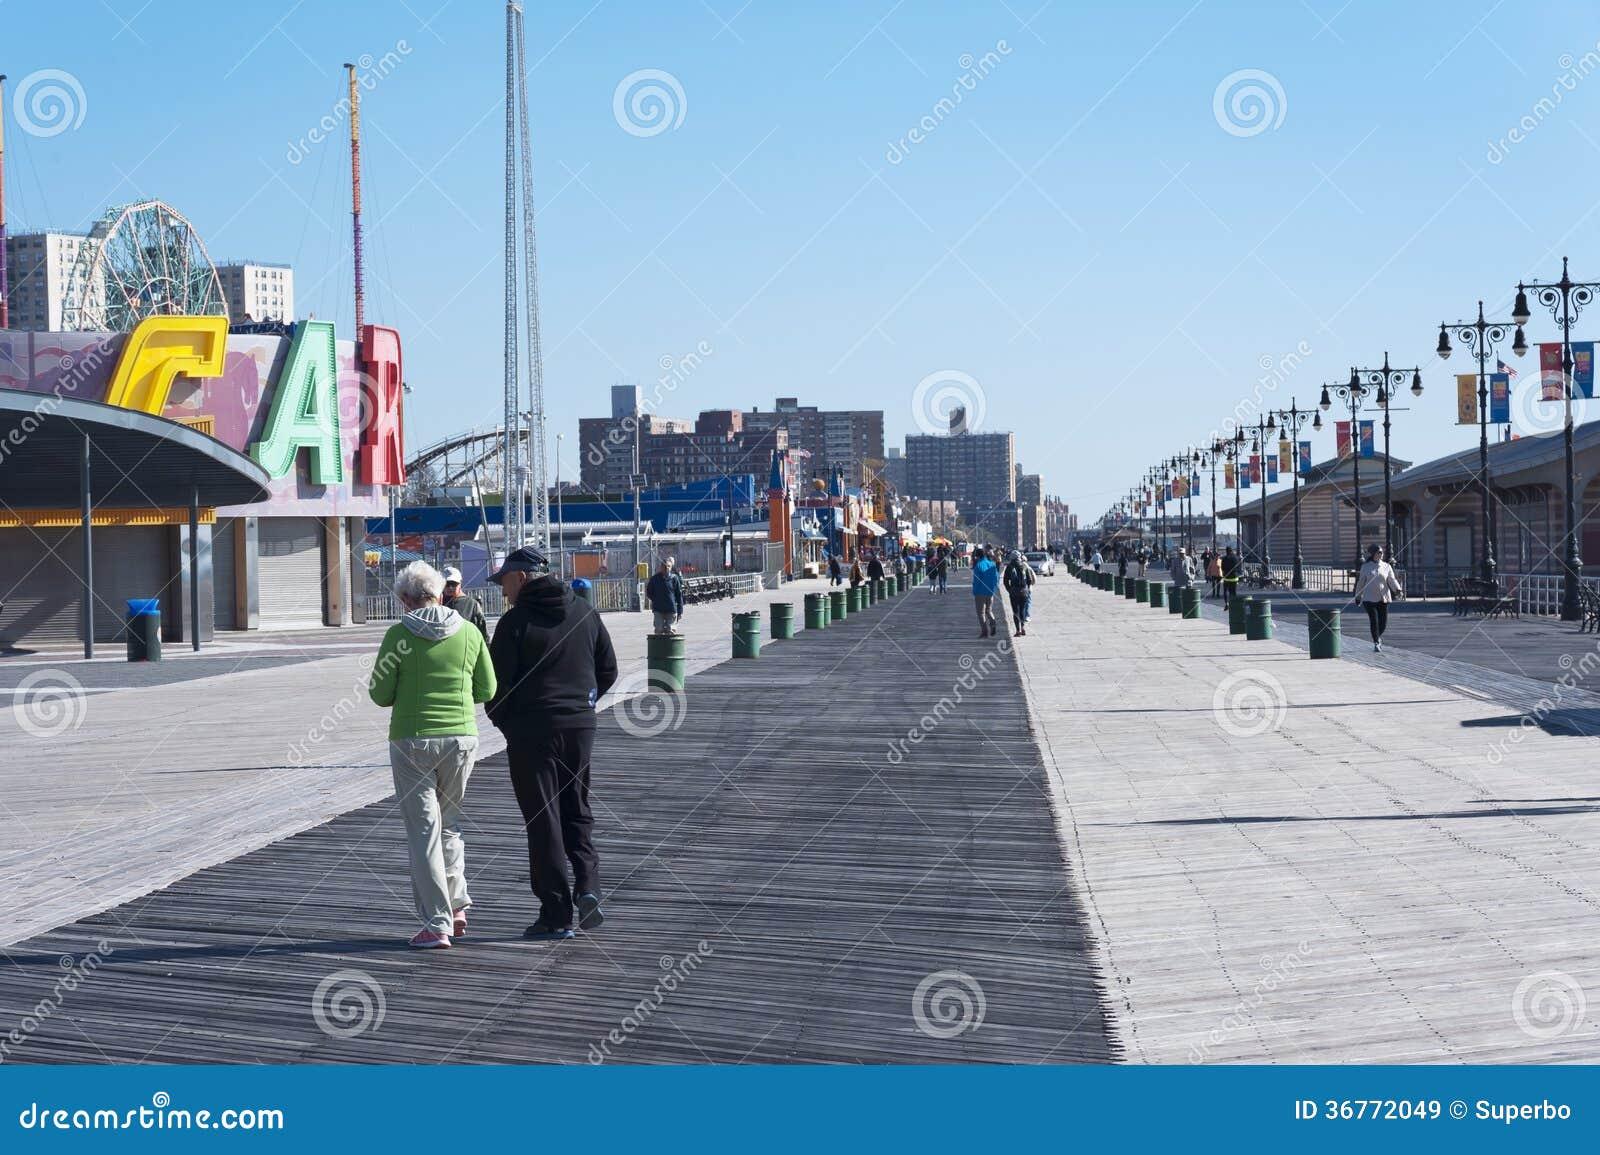 Coney Island Tourism